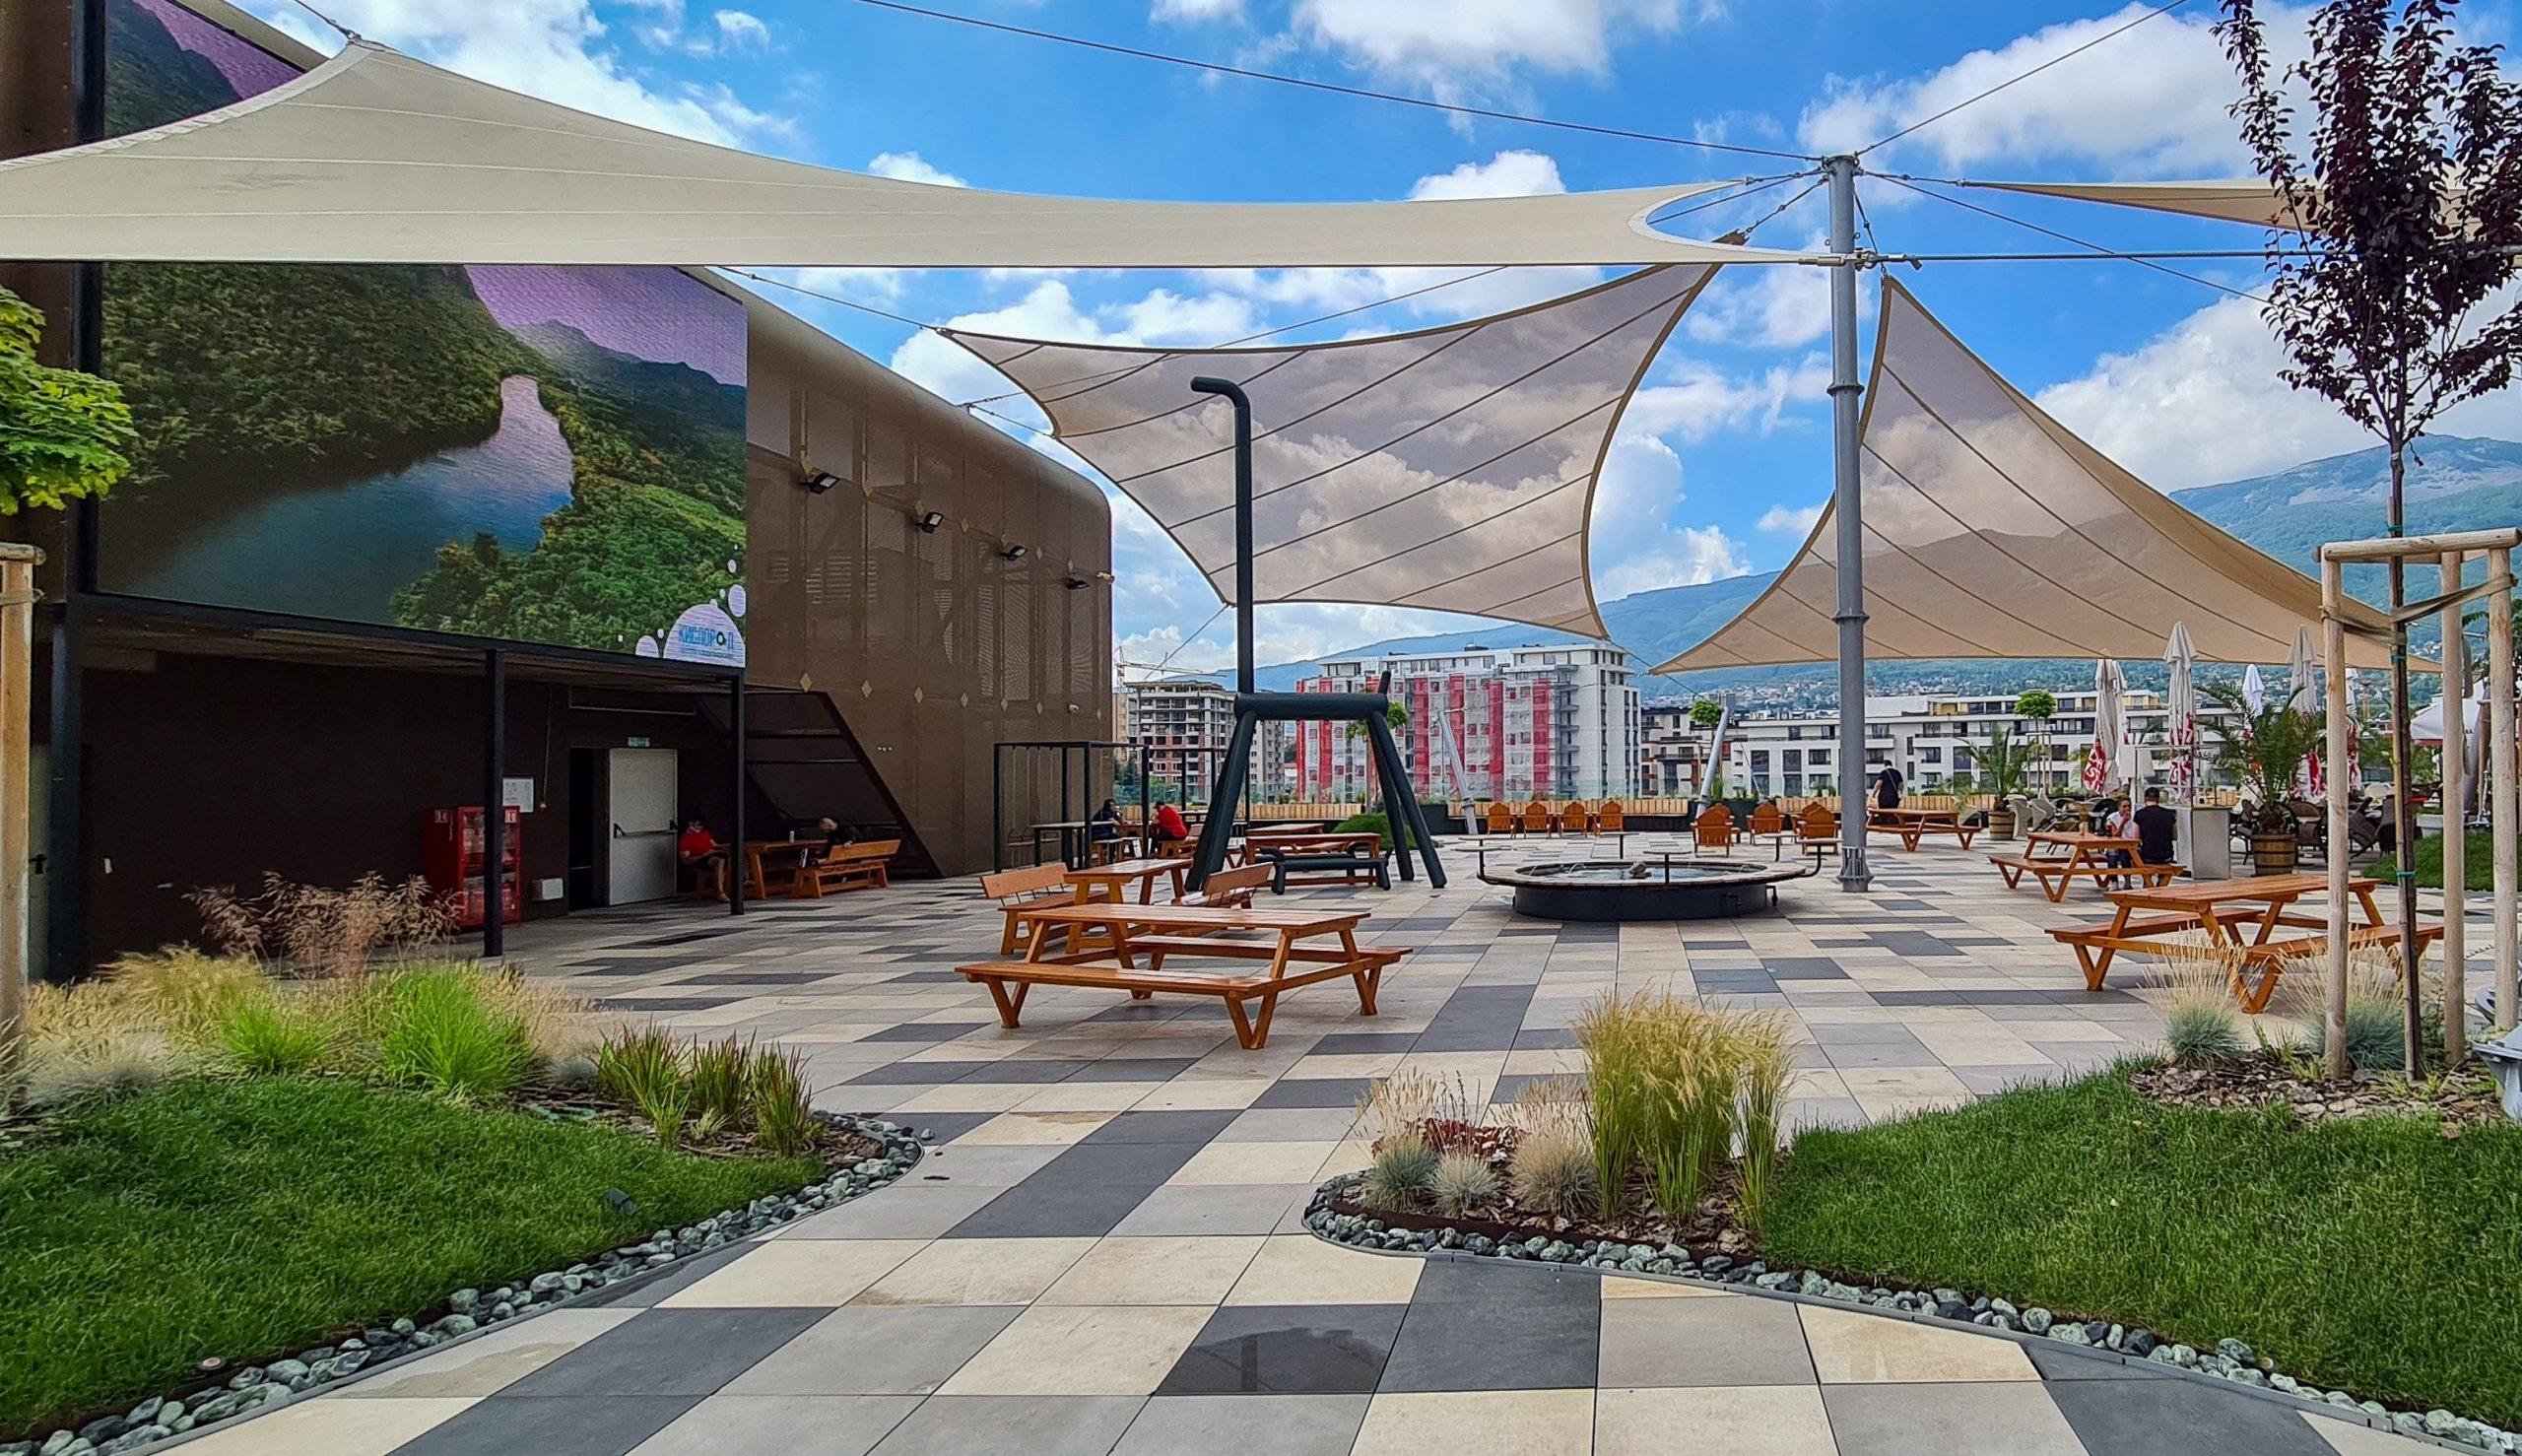 Paradise Center ще излъчва пряко Европейското първенство по футбол на откритата реновирана тераса 141